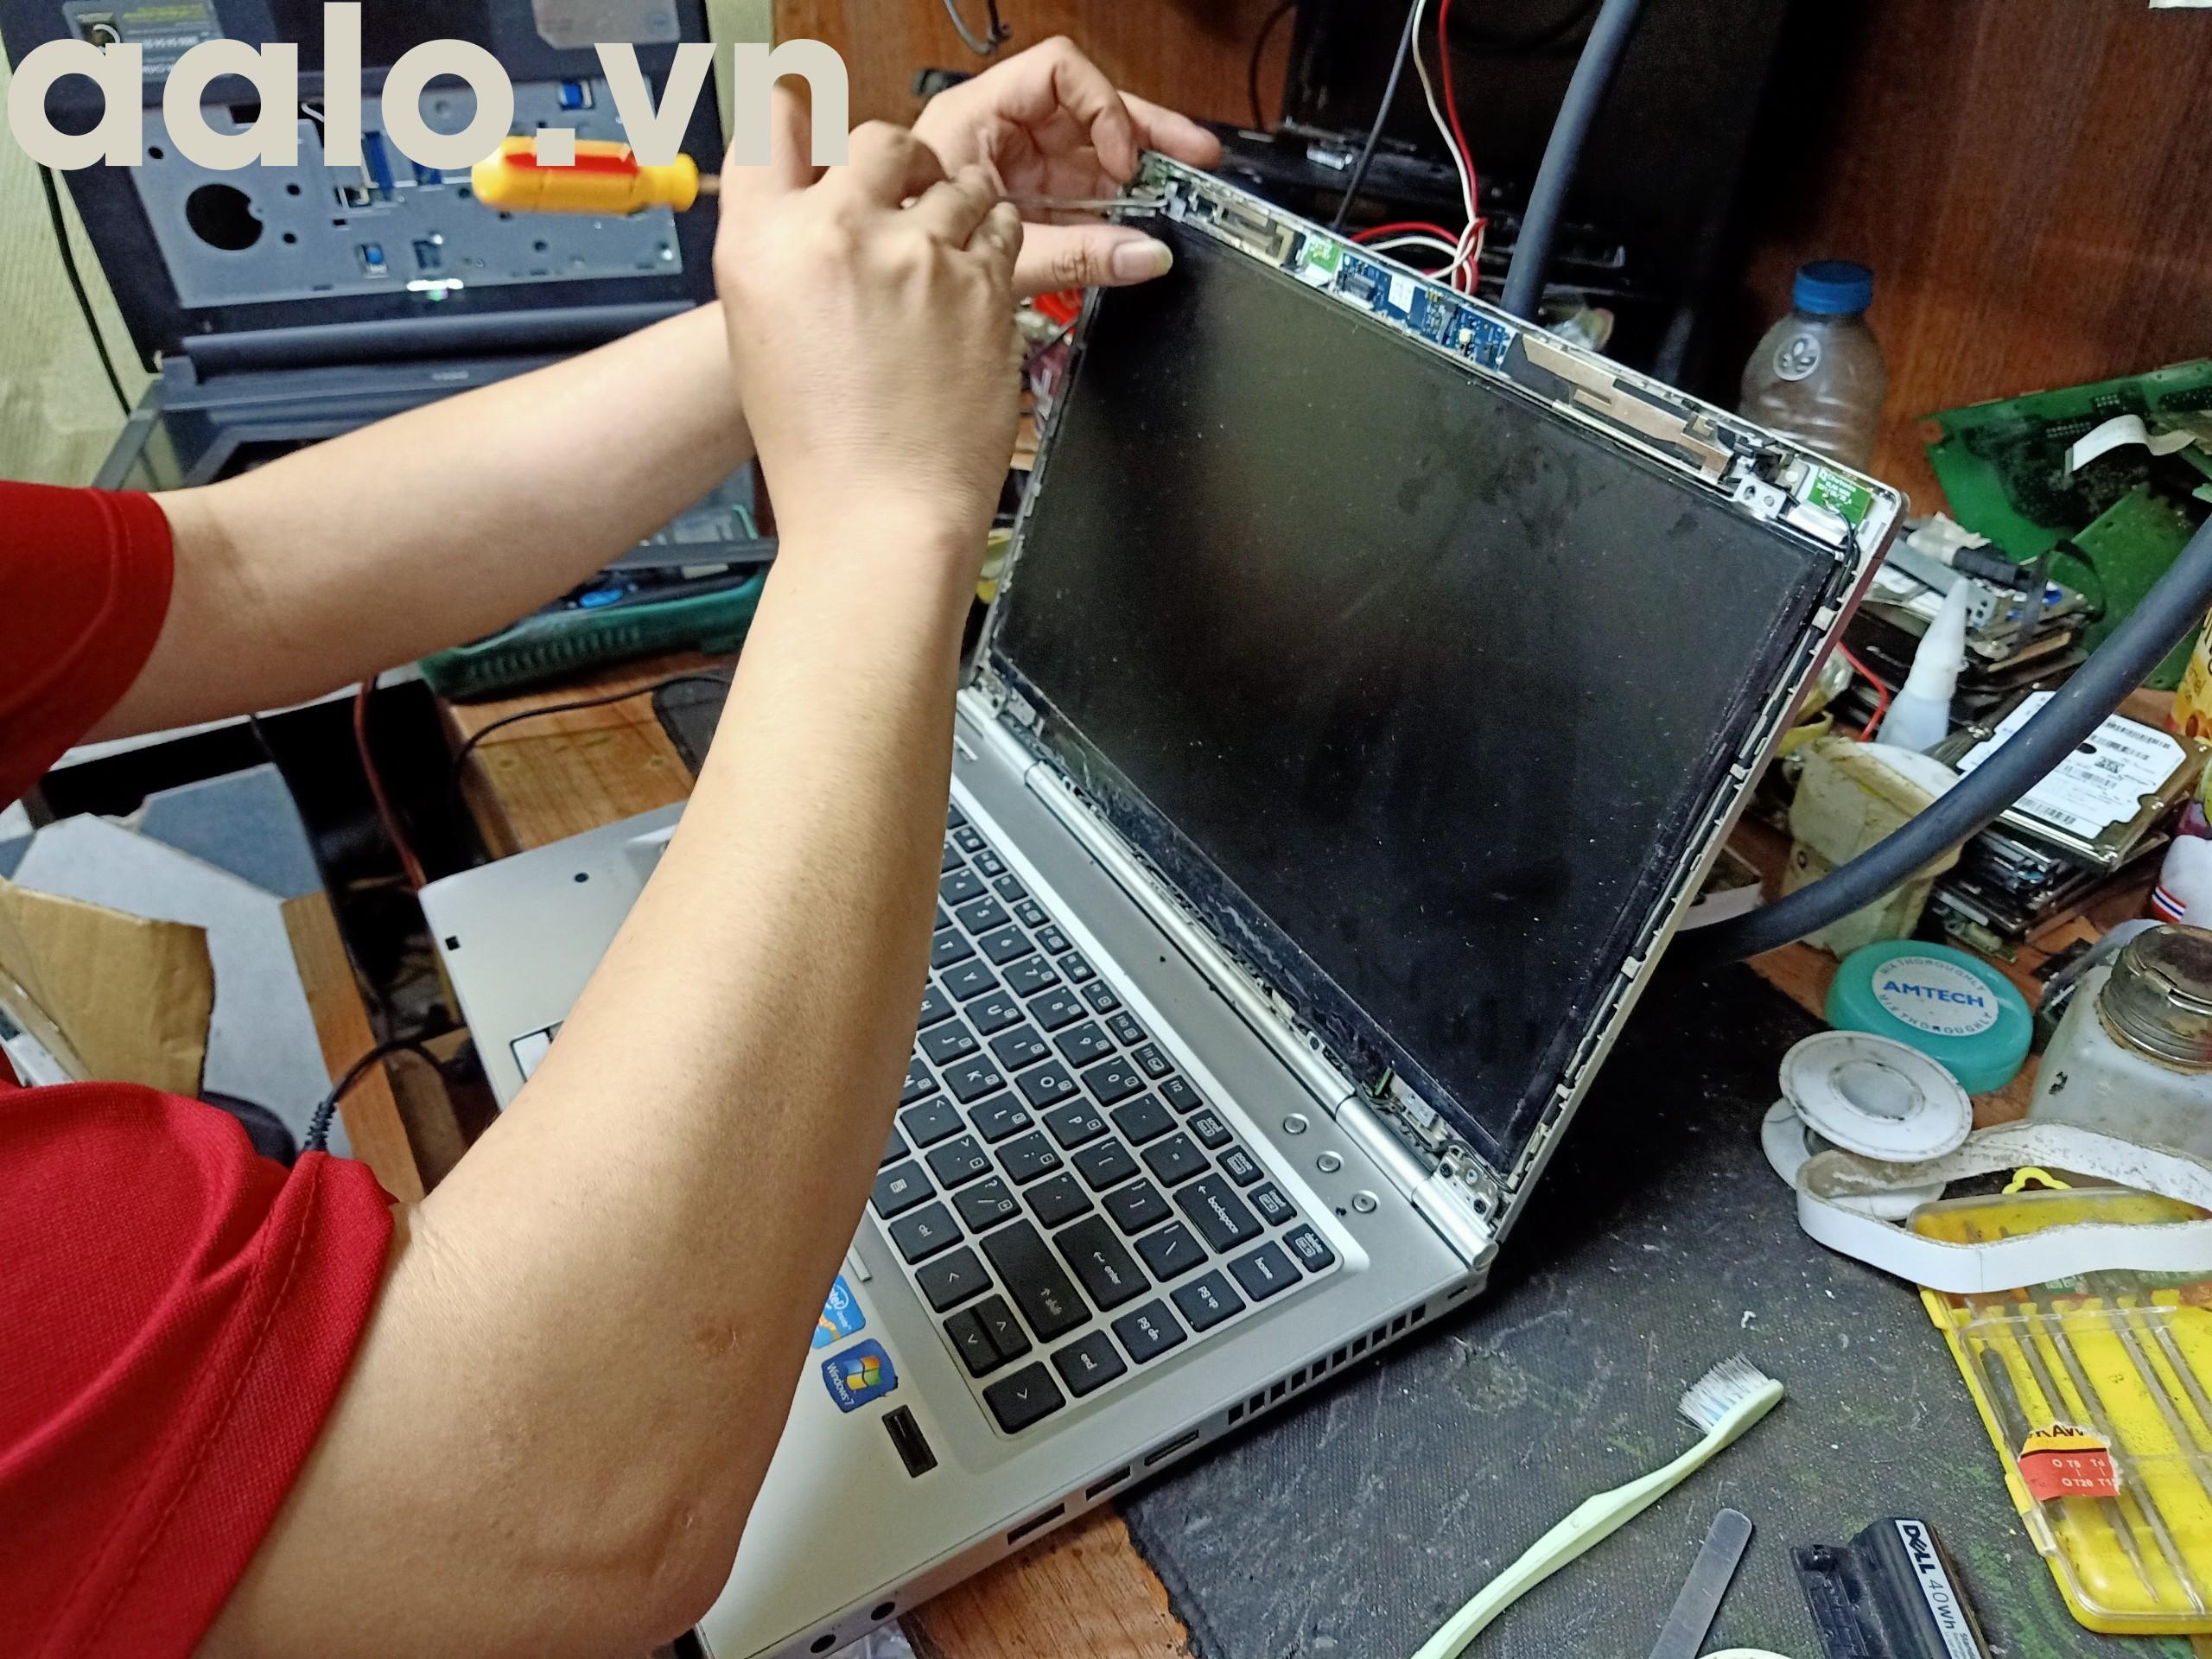 Sửa laptop Pin Macbook A1280 không nhận pin-aalo.vn